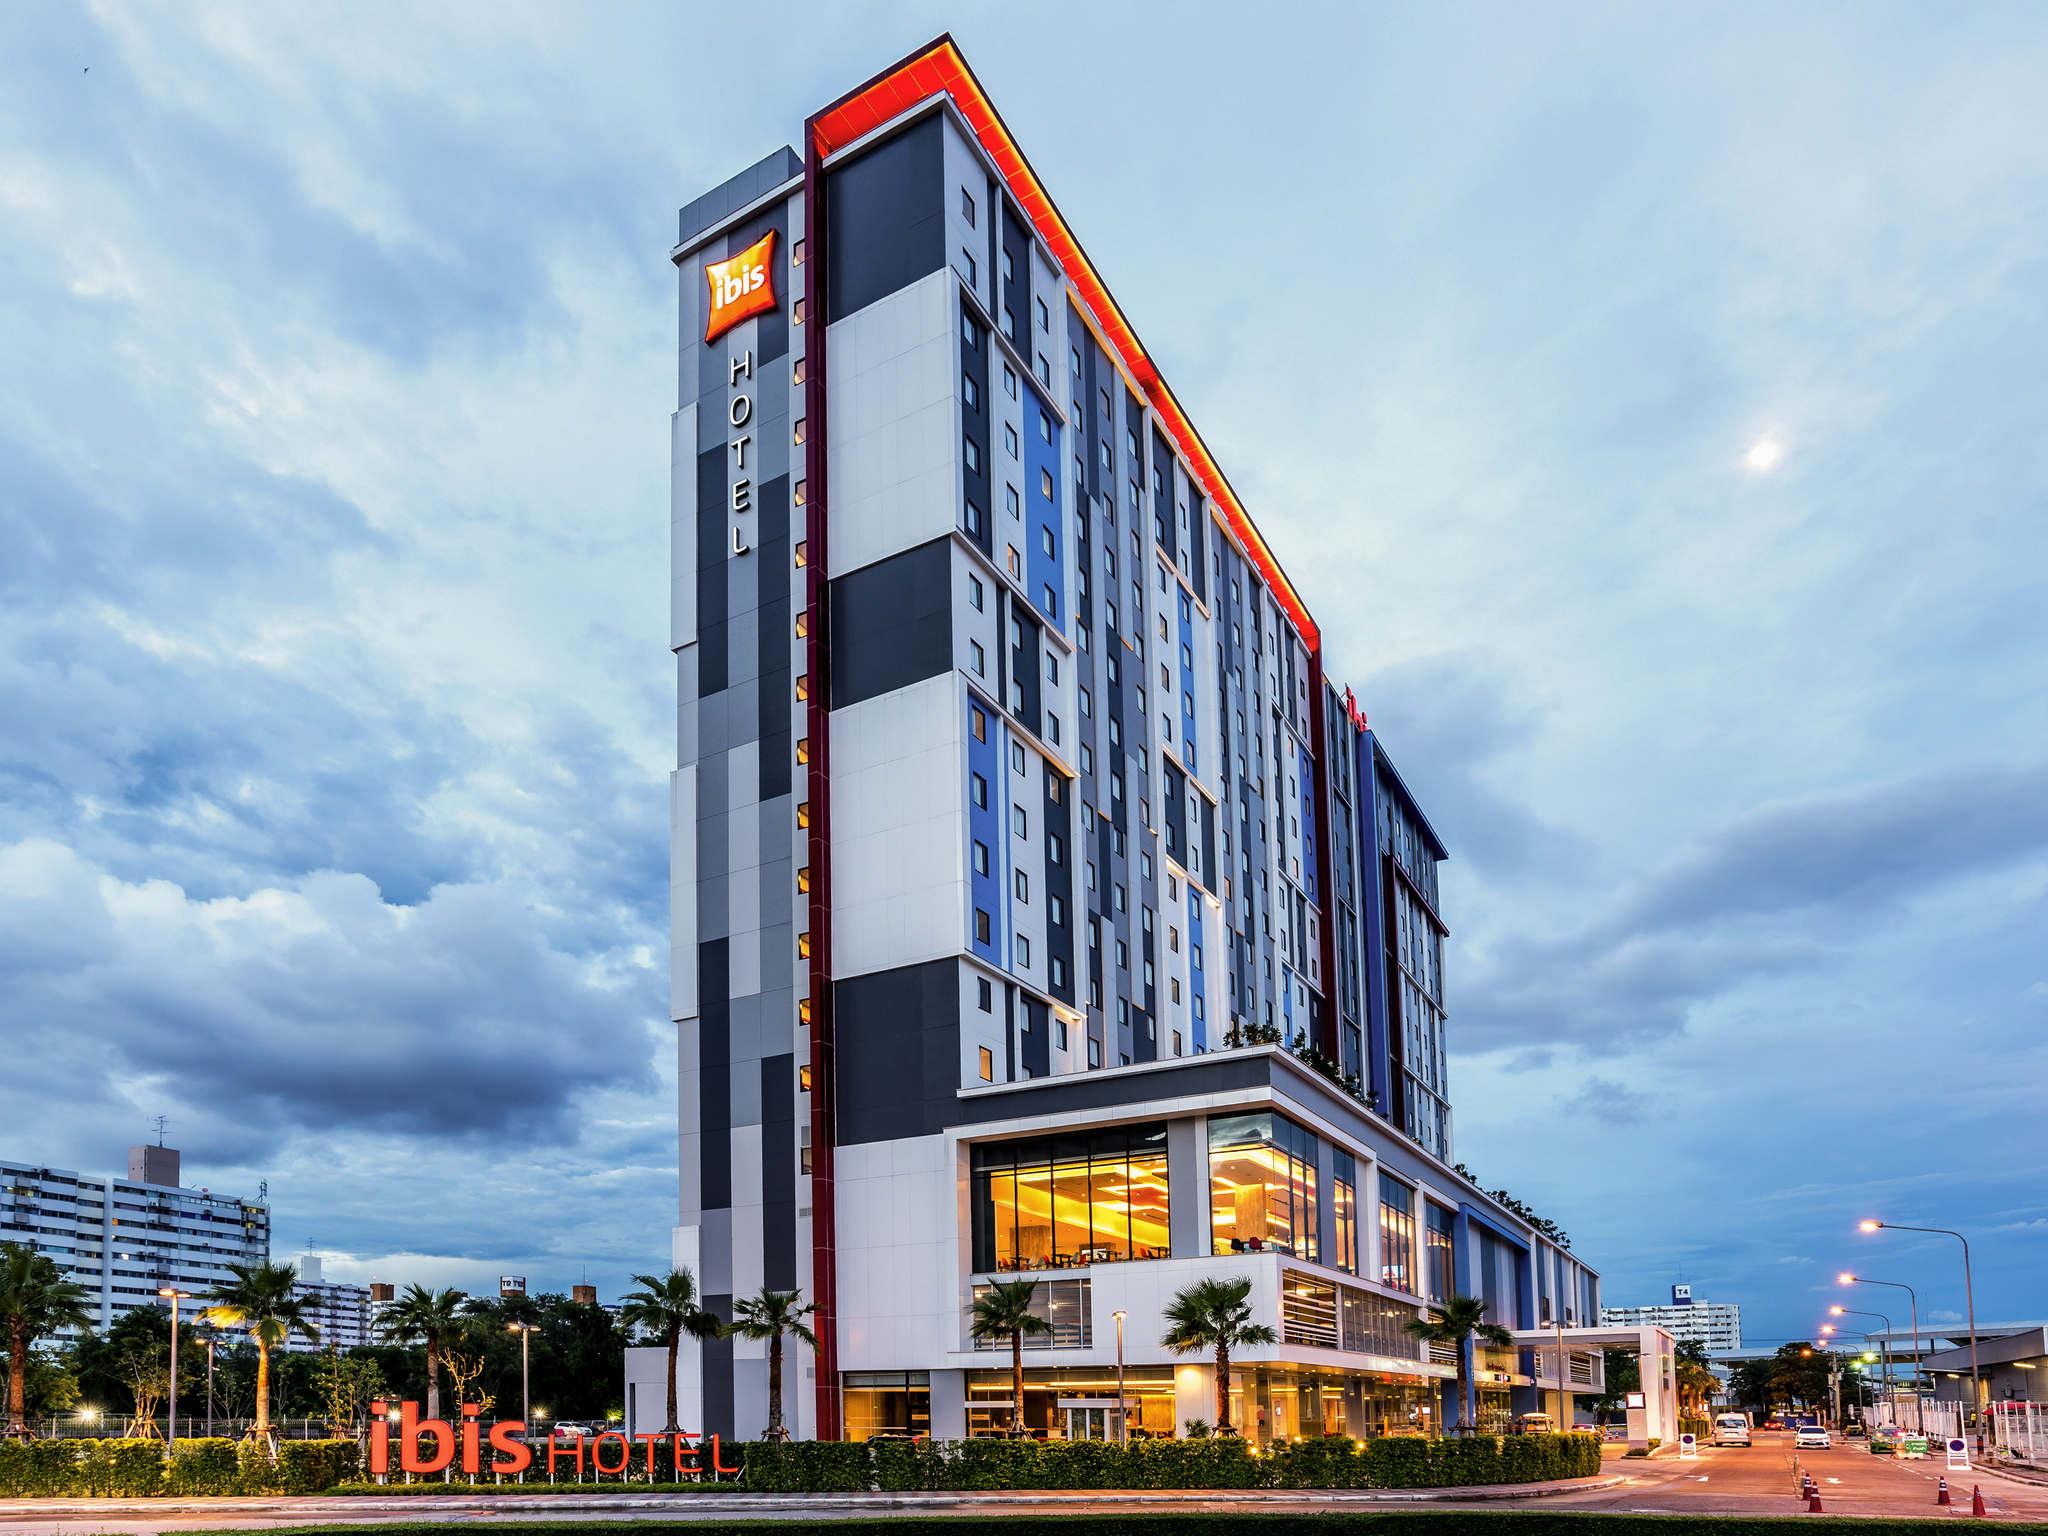 โรงแรม – ไอบิส กรุงเทพ อิมแพค